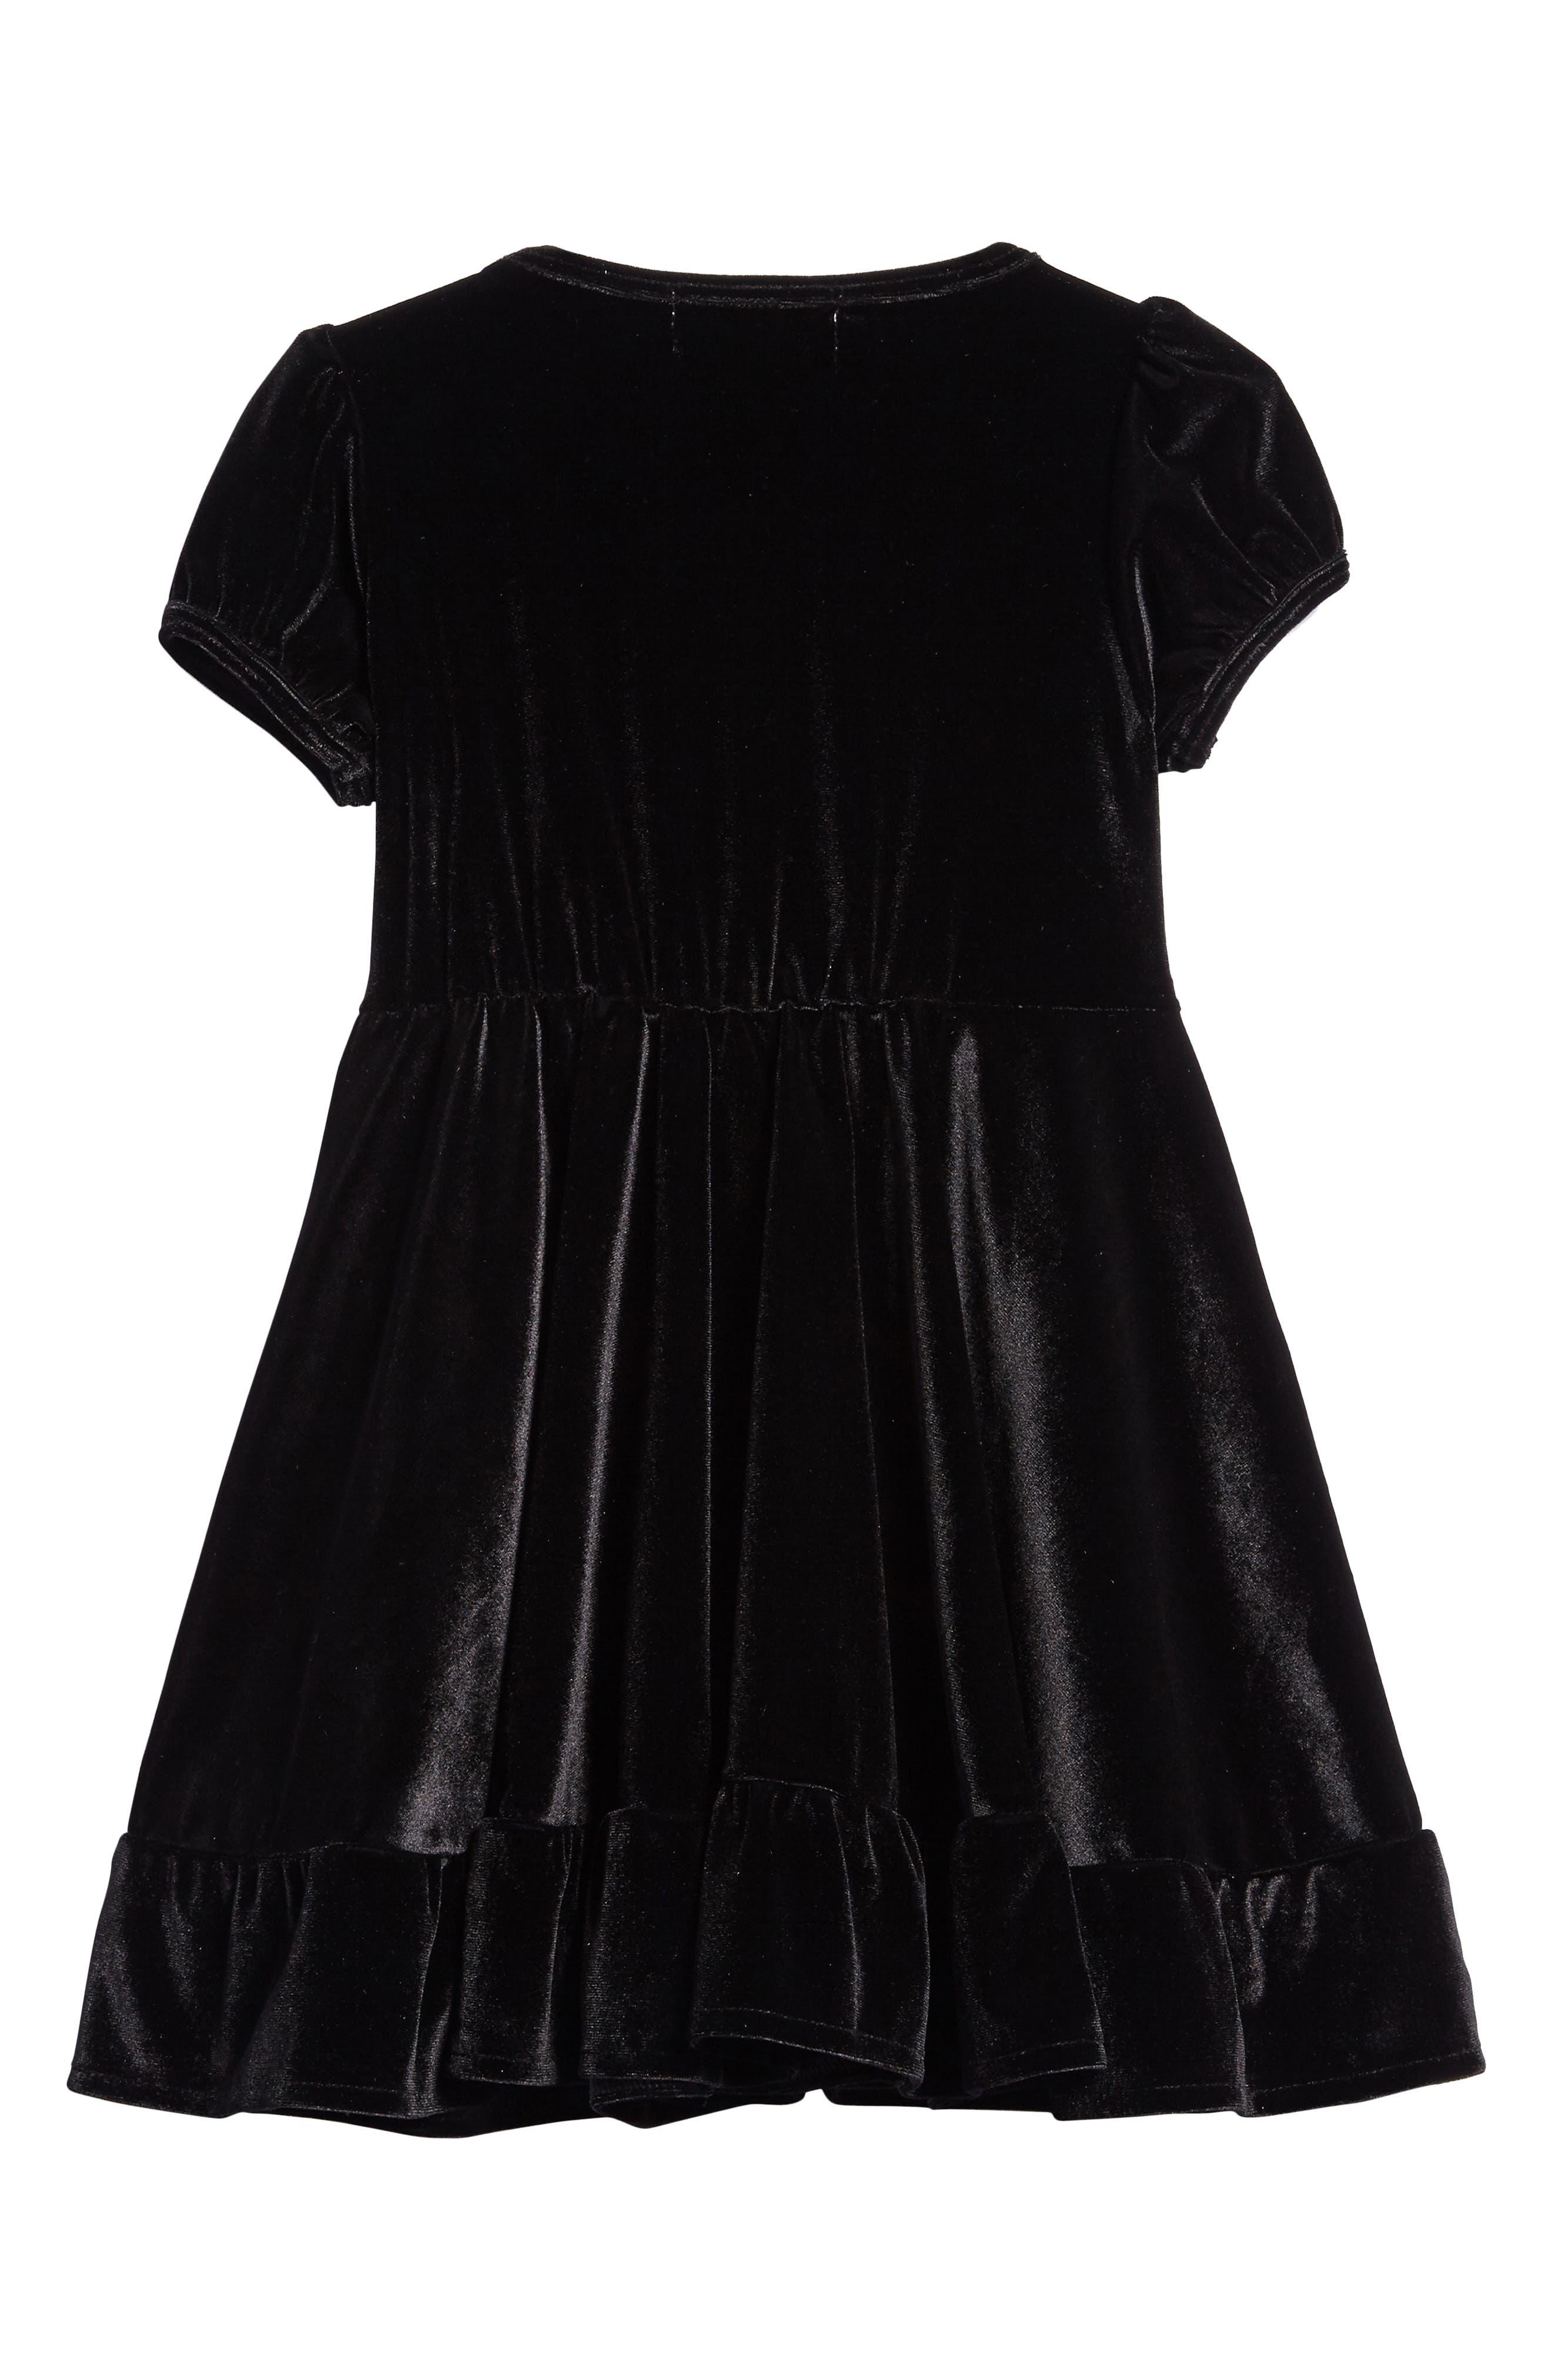 North Star Velvet Dress,                             Alternate thumbnail 2, color,                             001